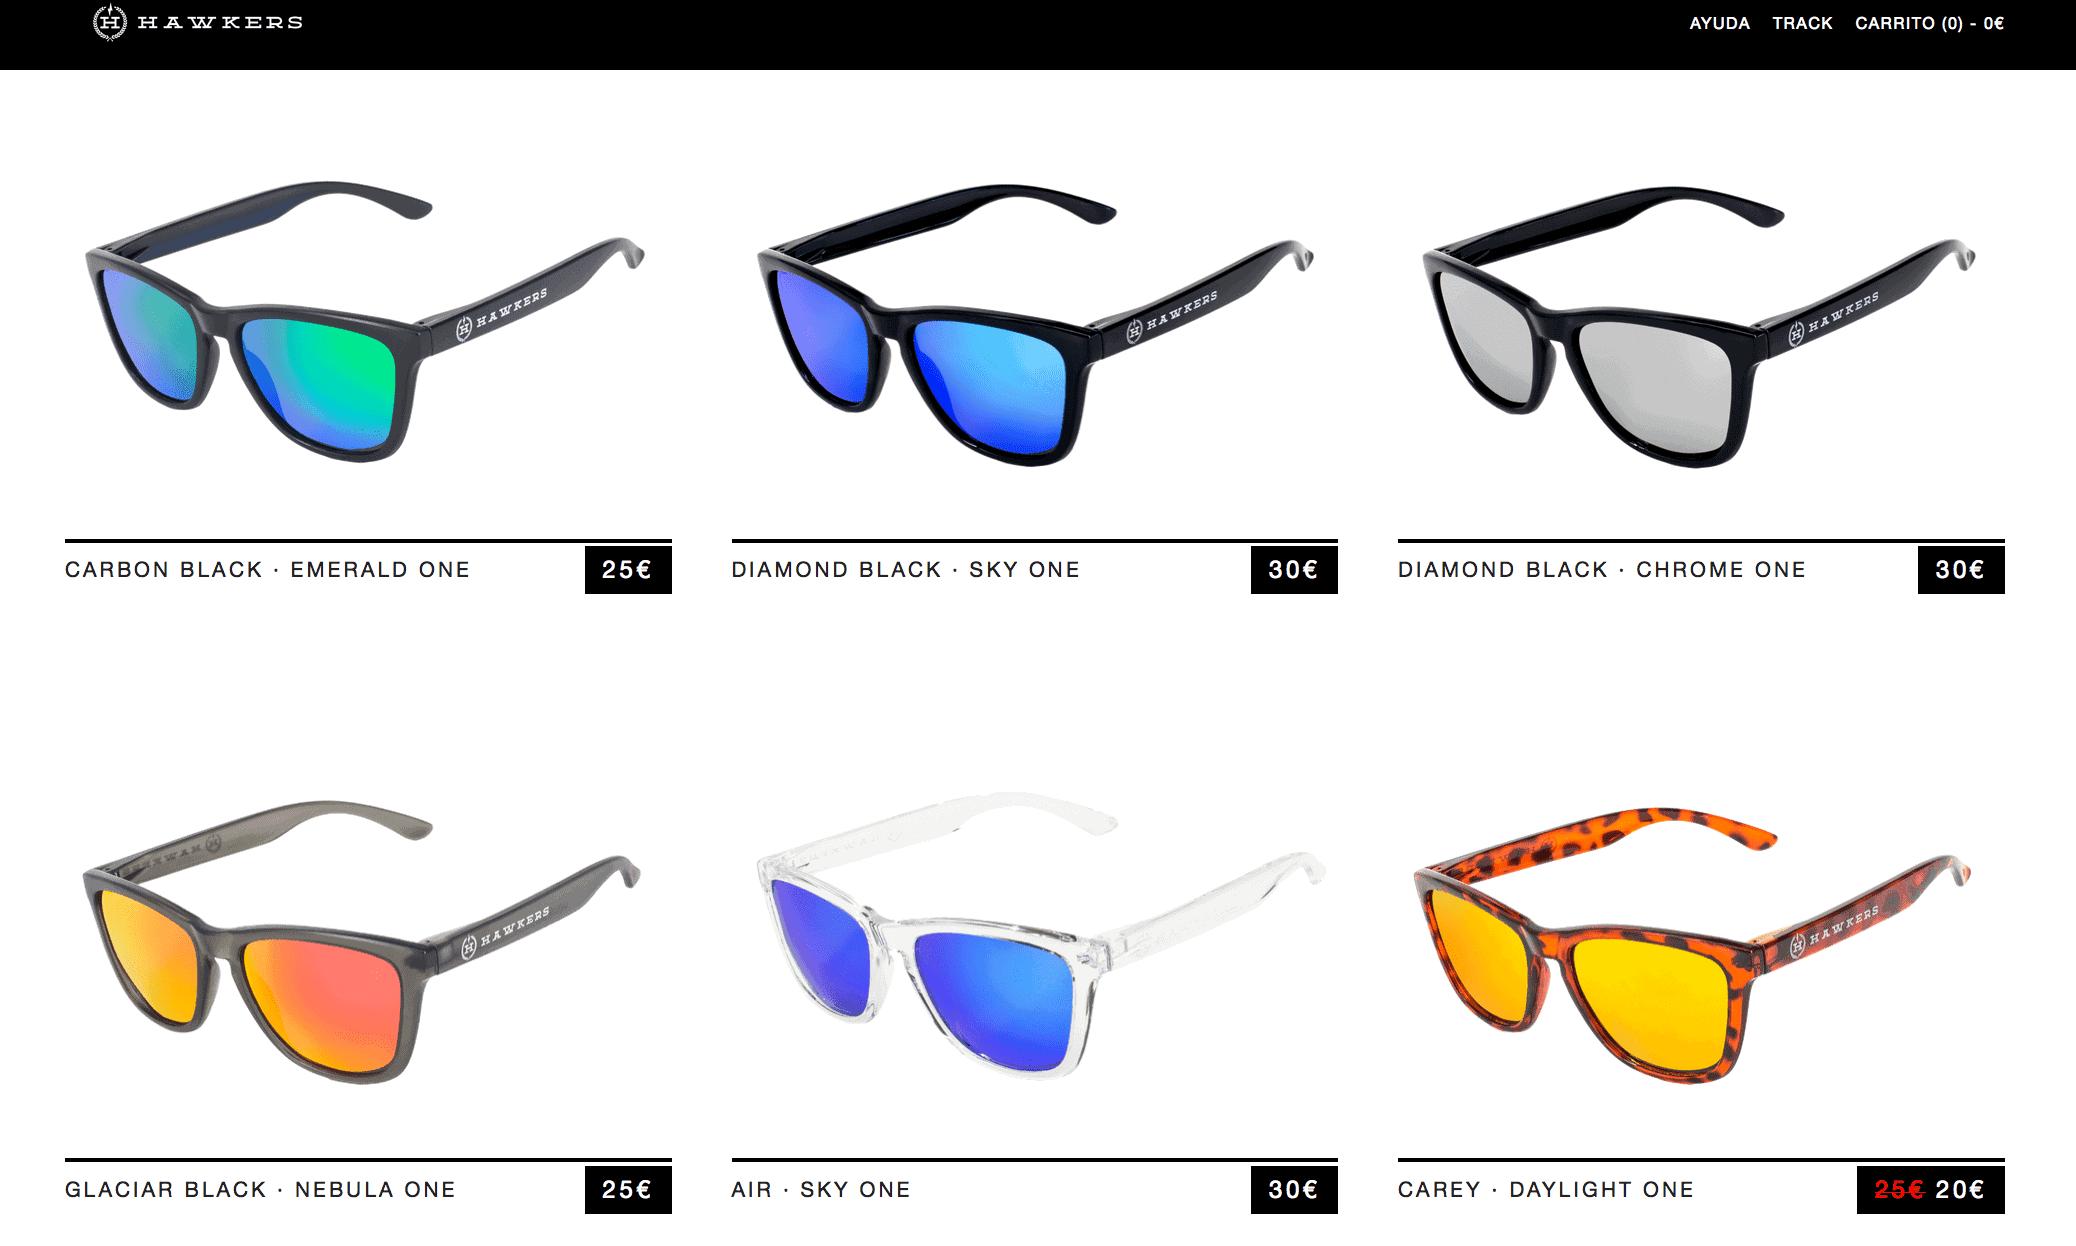 Compras No De HawkersLo Gafas Unas Sol Tienes W9YDH2EeI